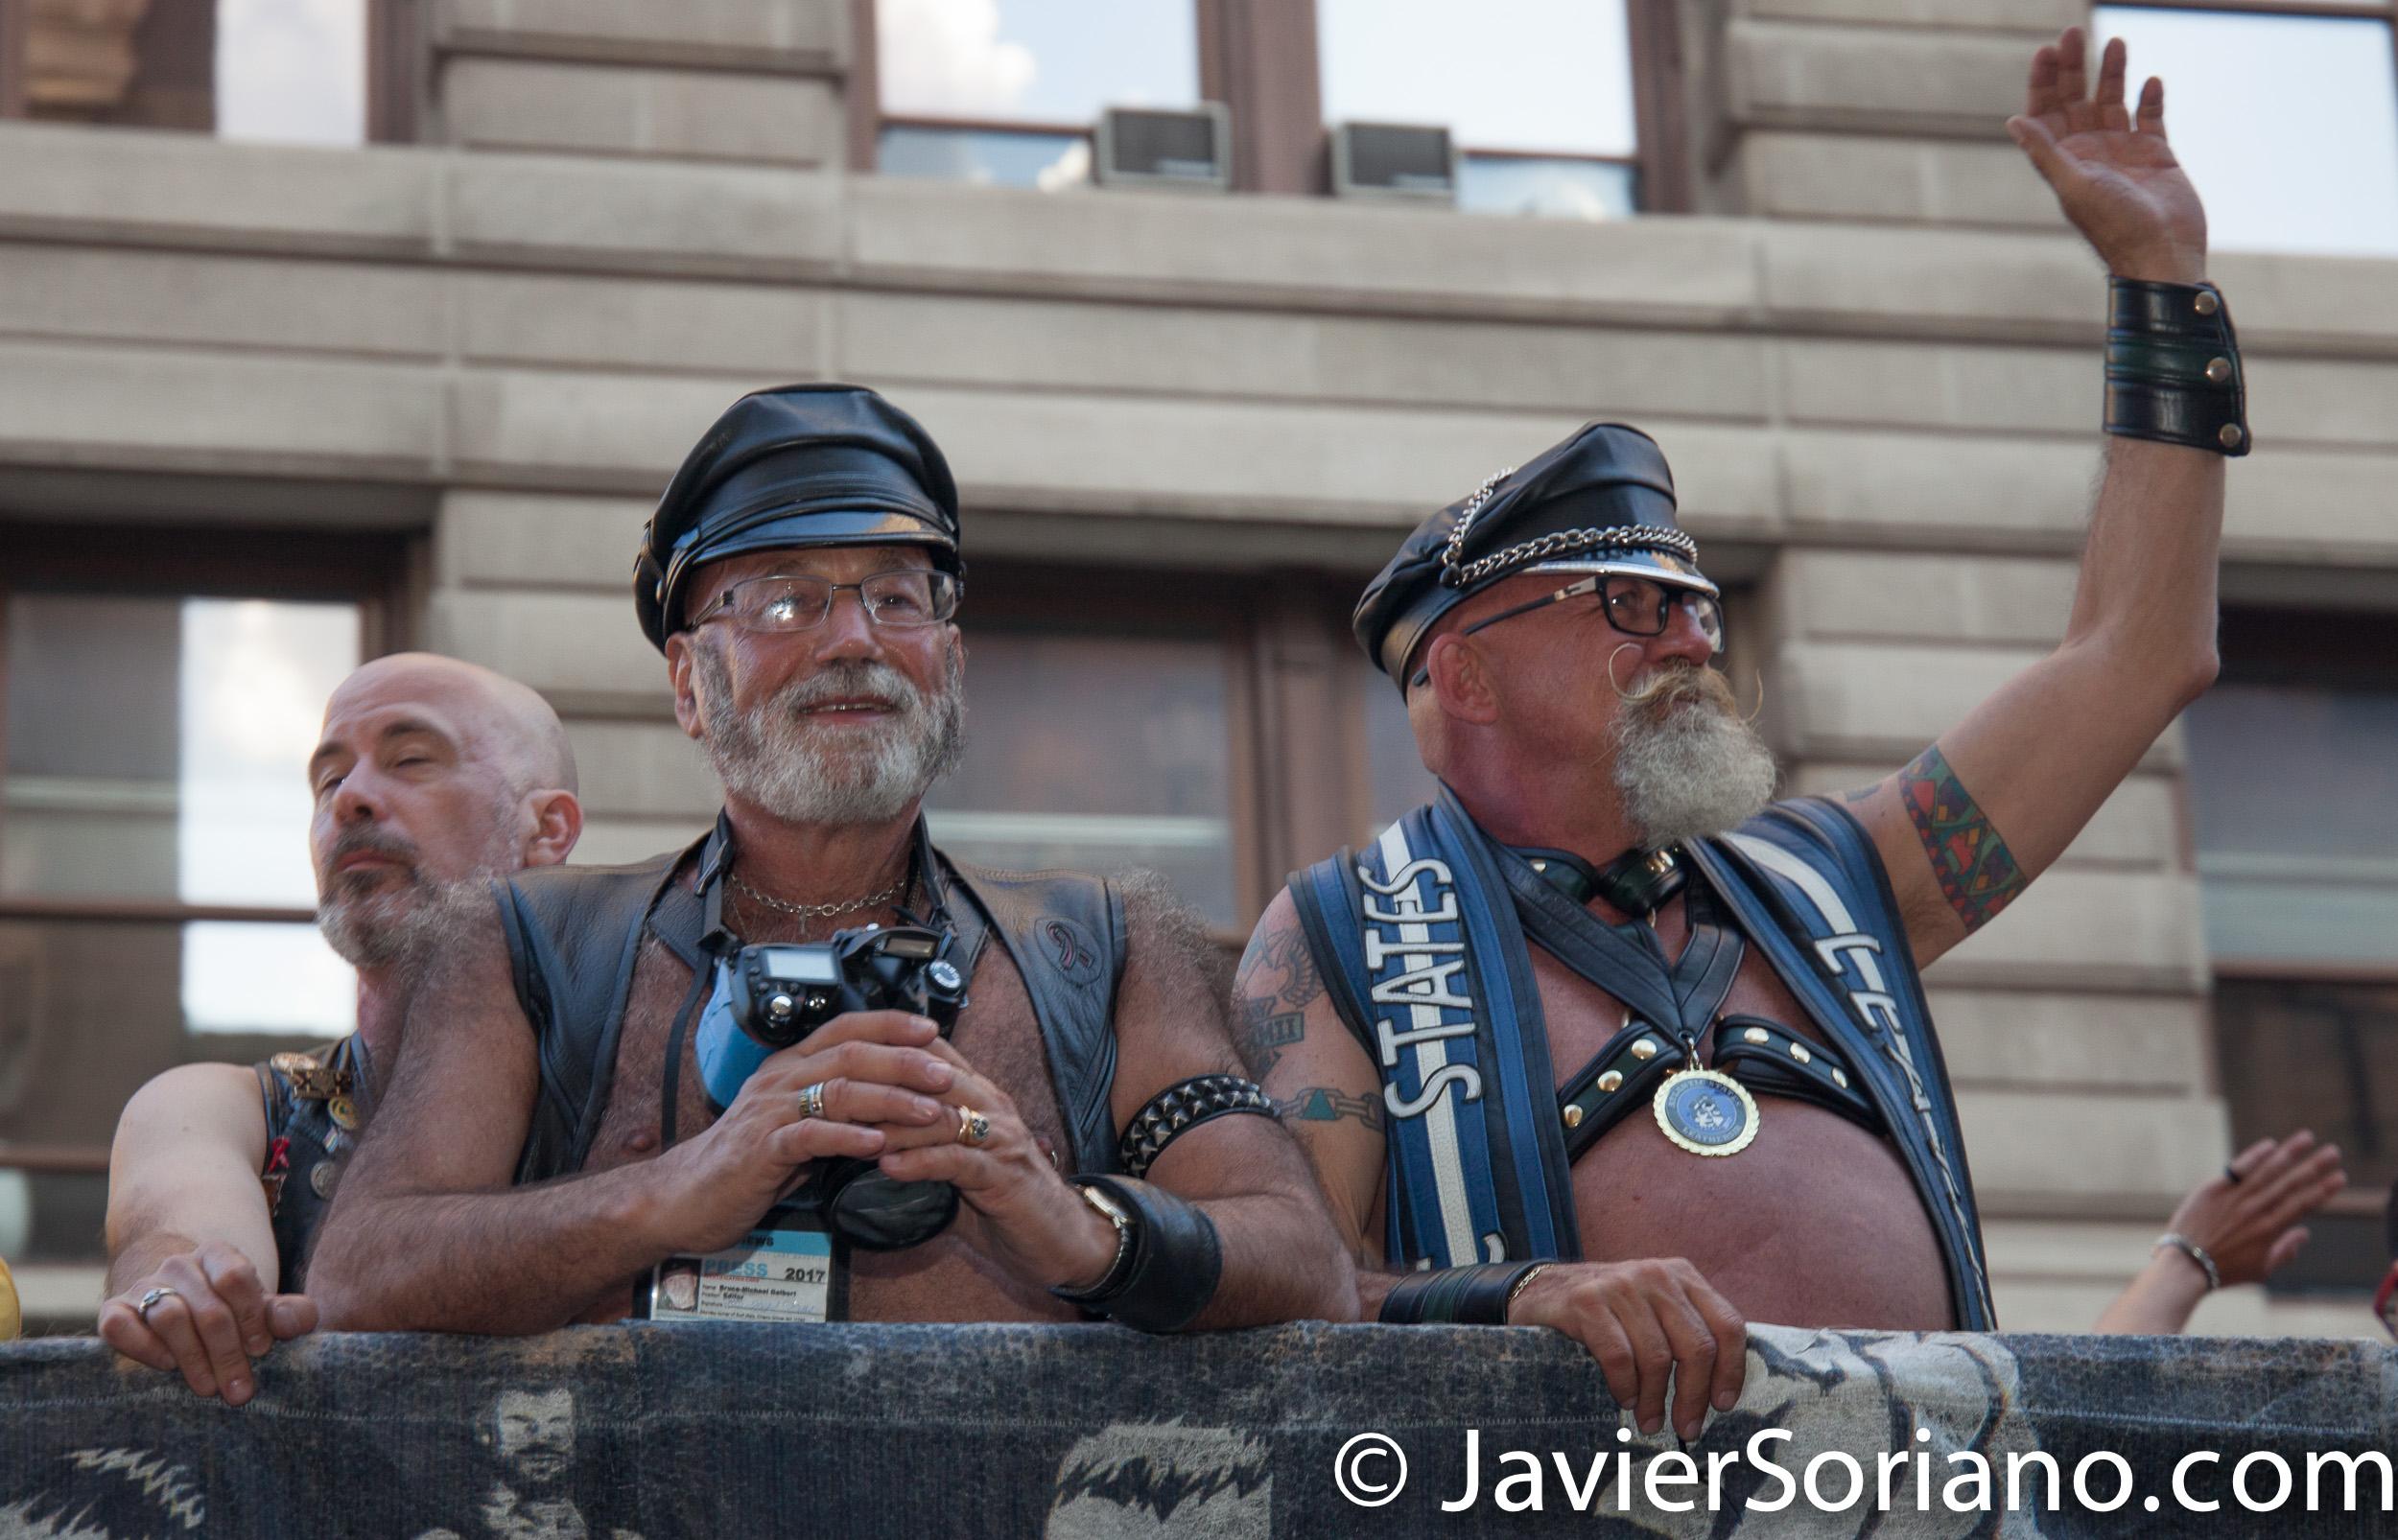 25/6/2017 Manhattan, Nueva York - Marcha del Orgullo LGBTQ 2017. Foto por Javier Soriano/www.JavierSoriano.com